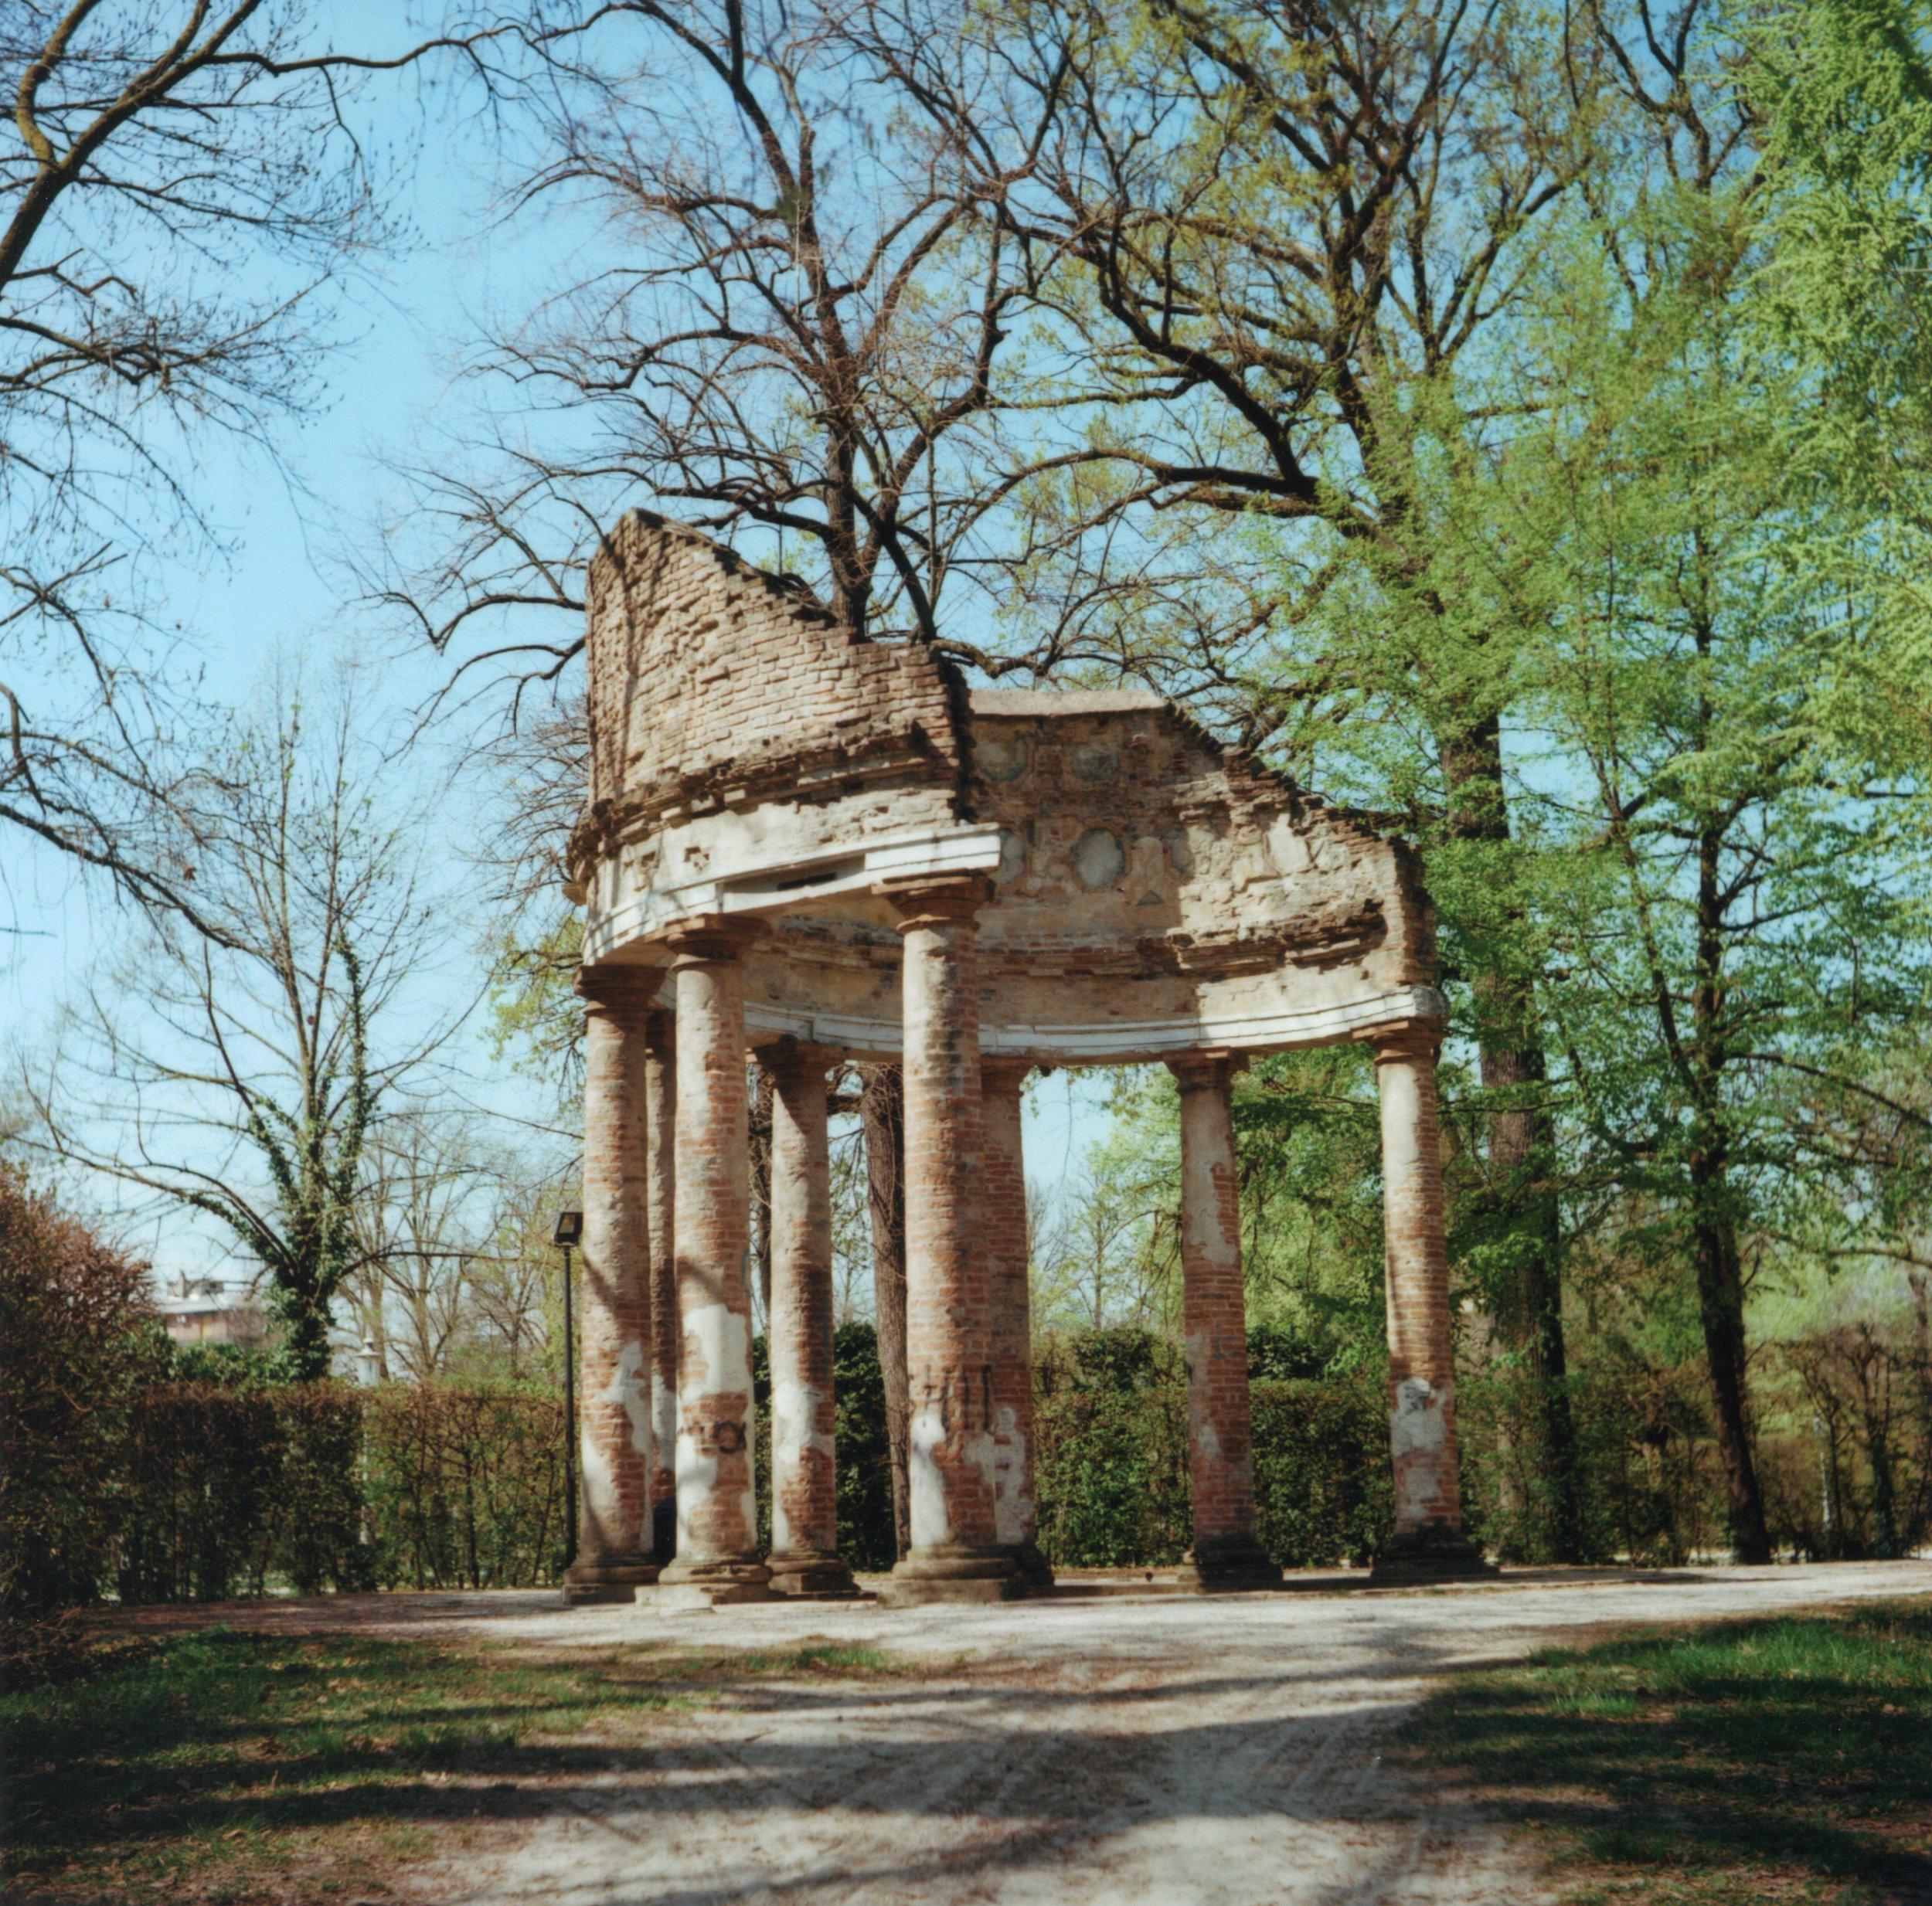 Il Parco Ducale Parma.jpg